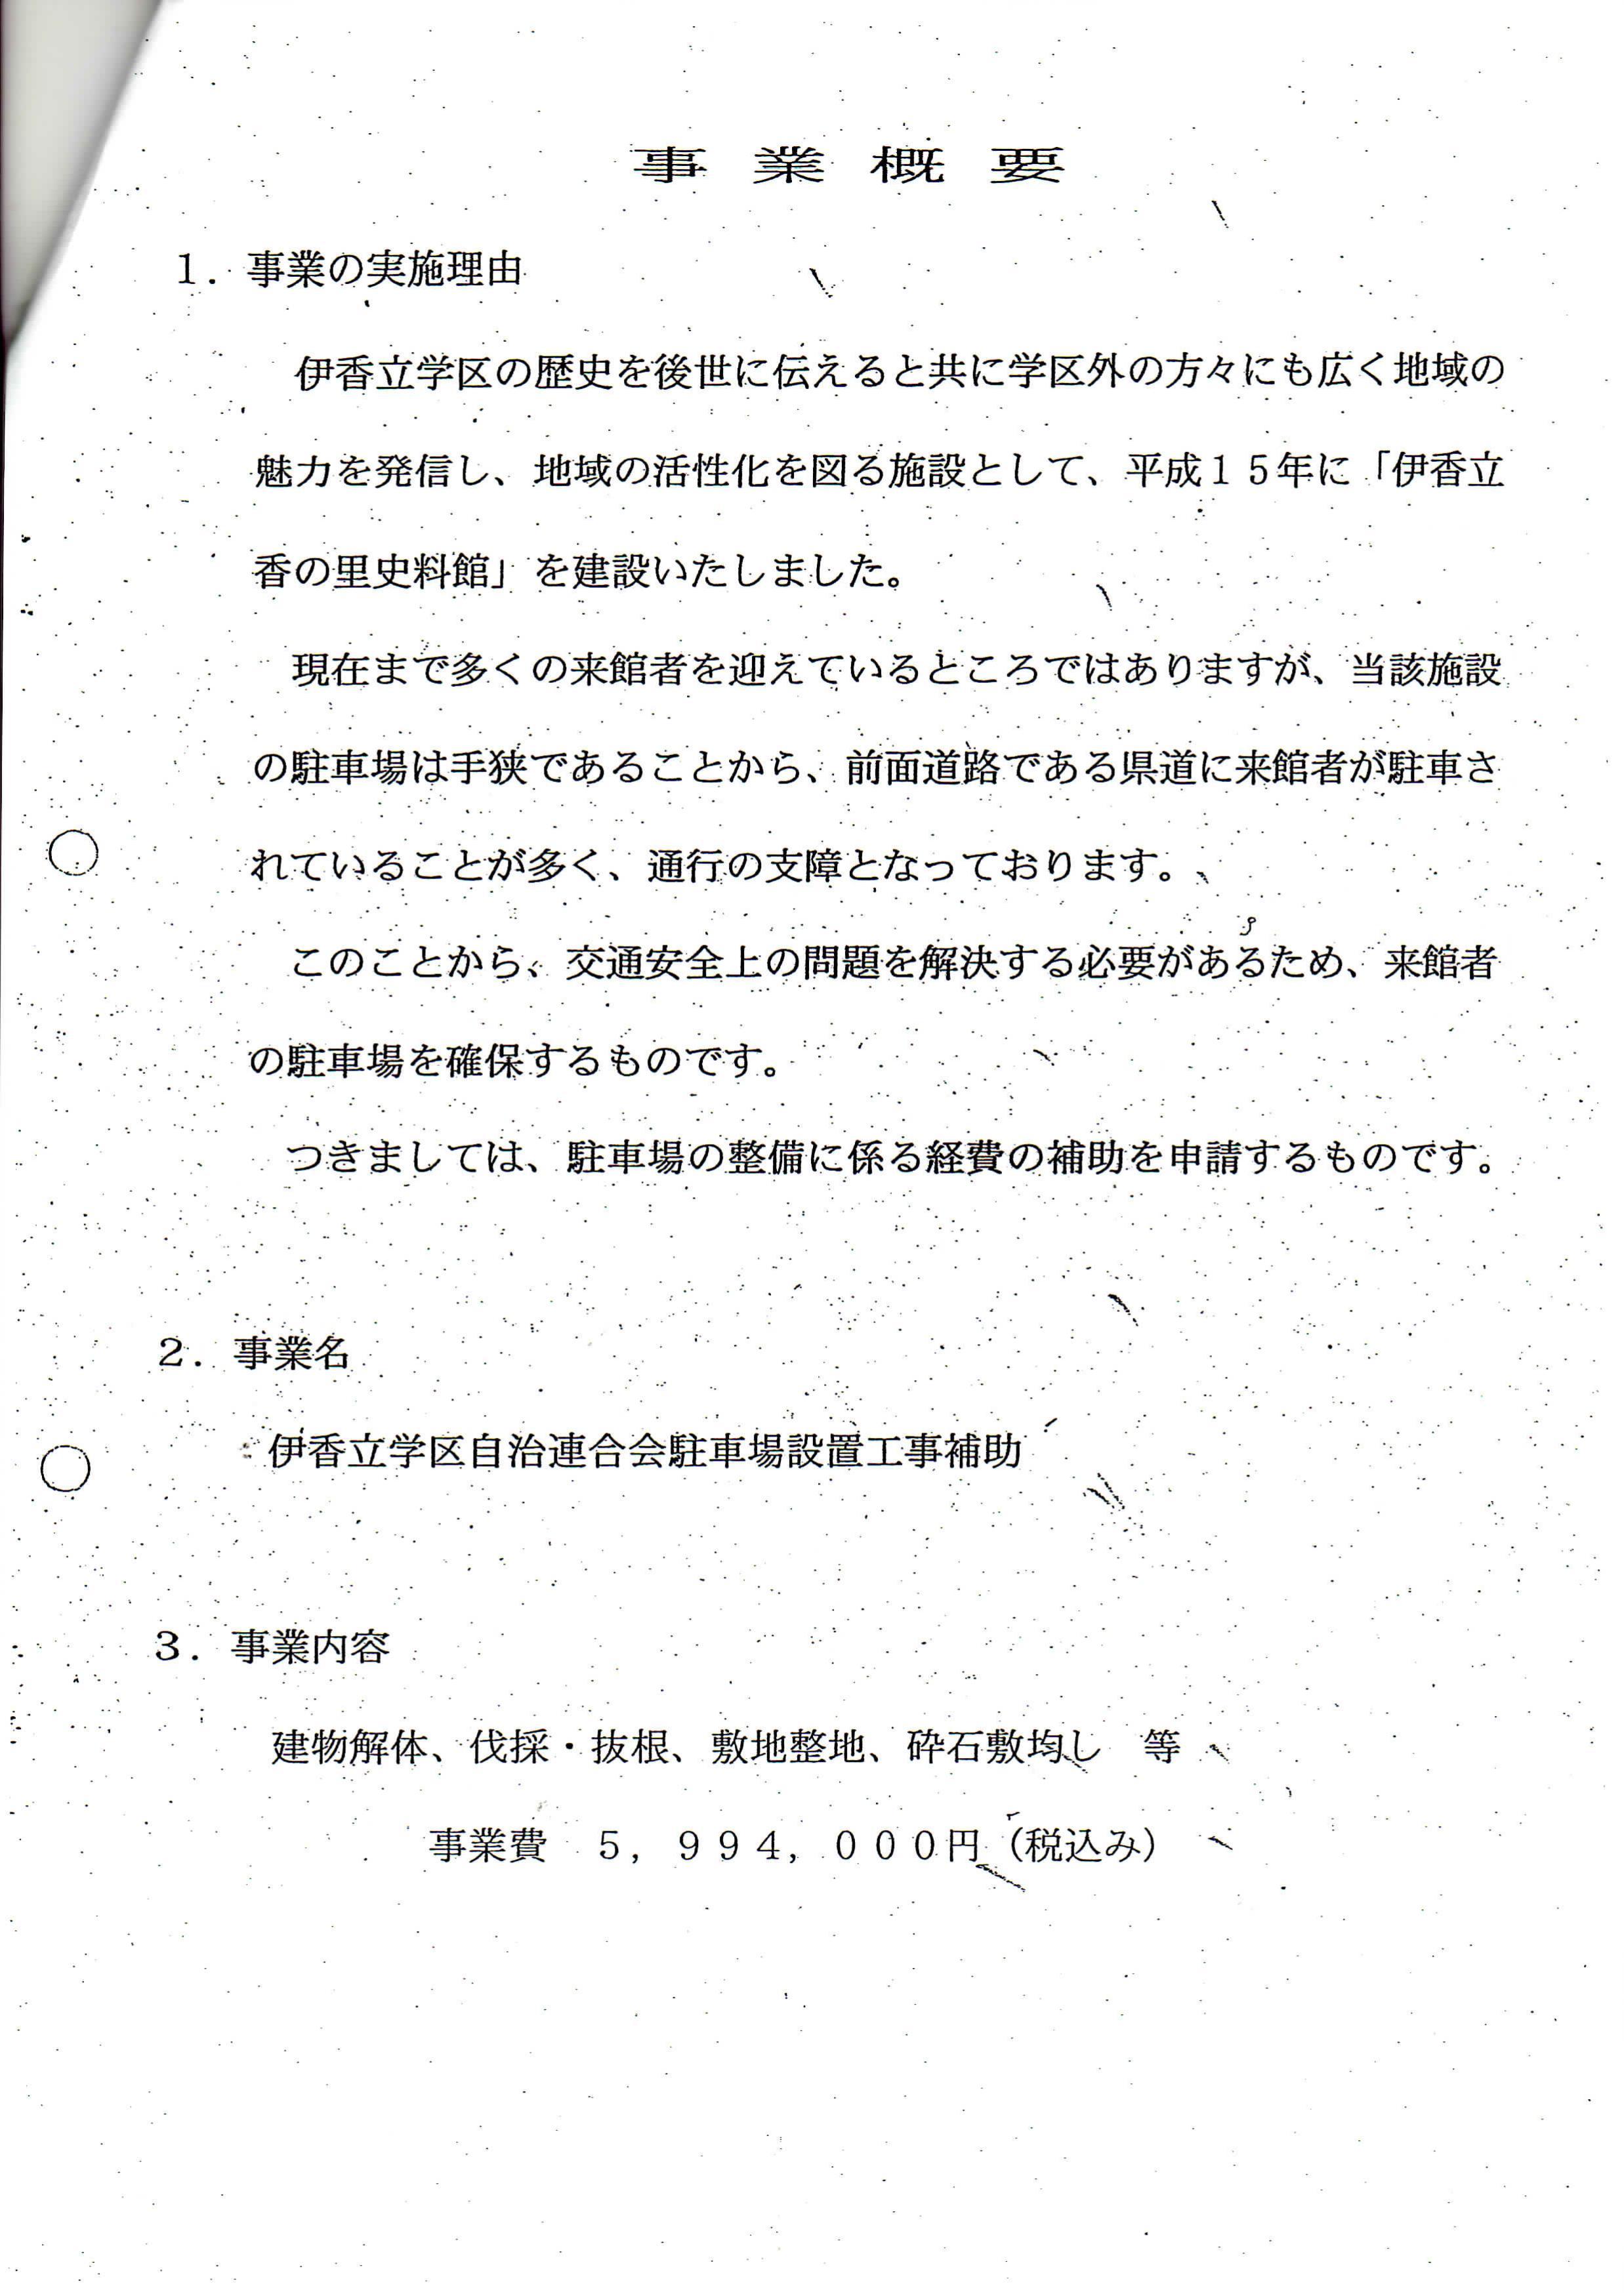 伊香立学区自治連合会の新駐車場設置の申請理由_01